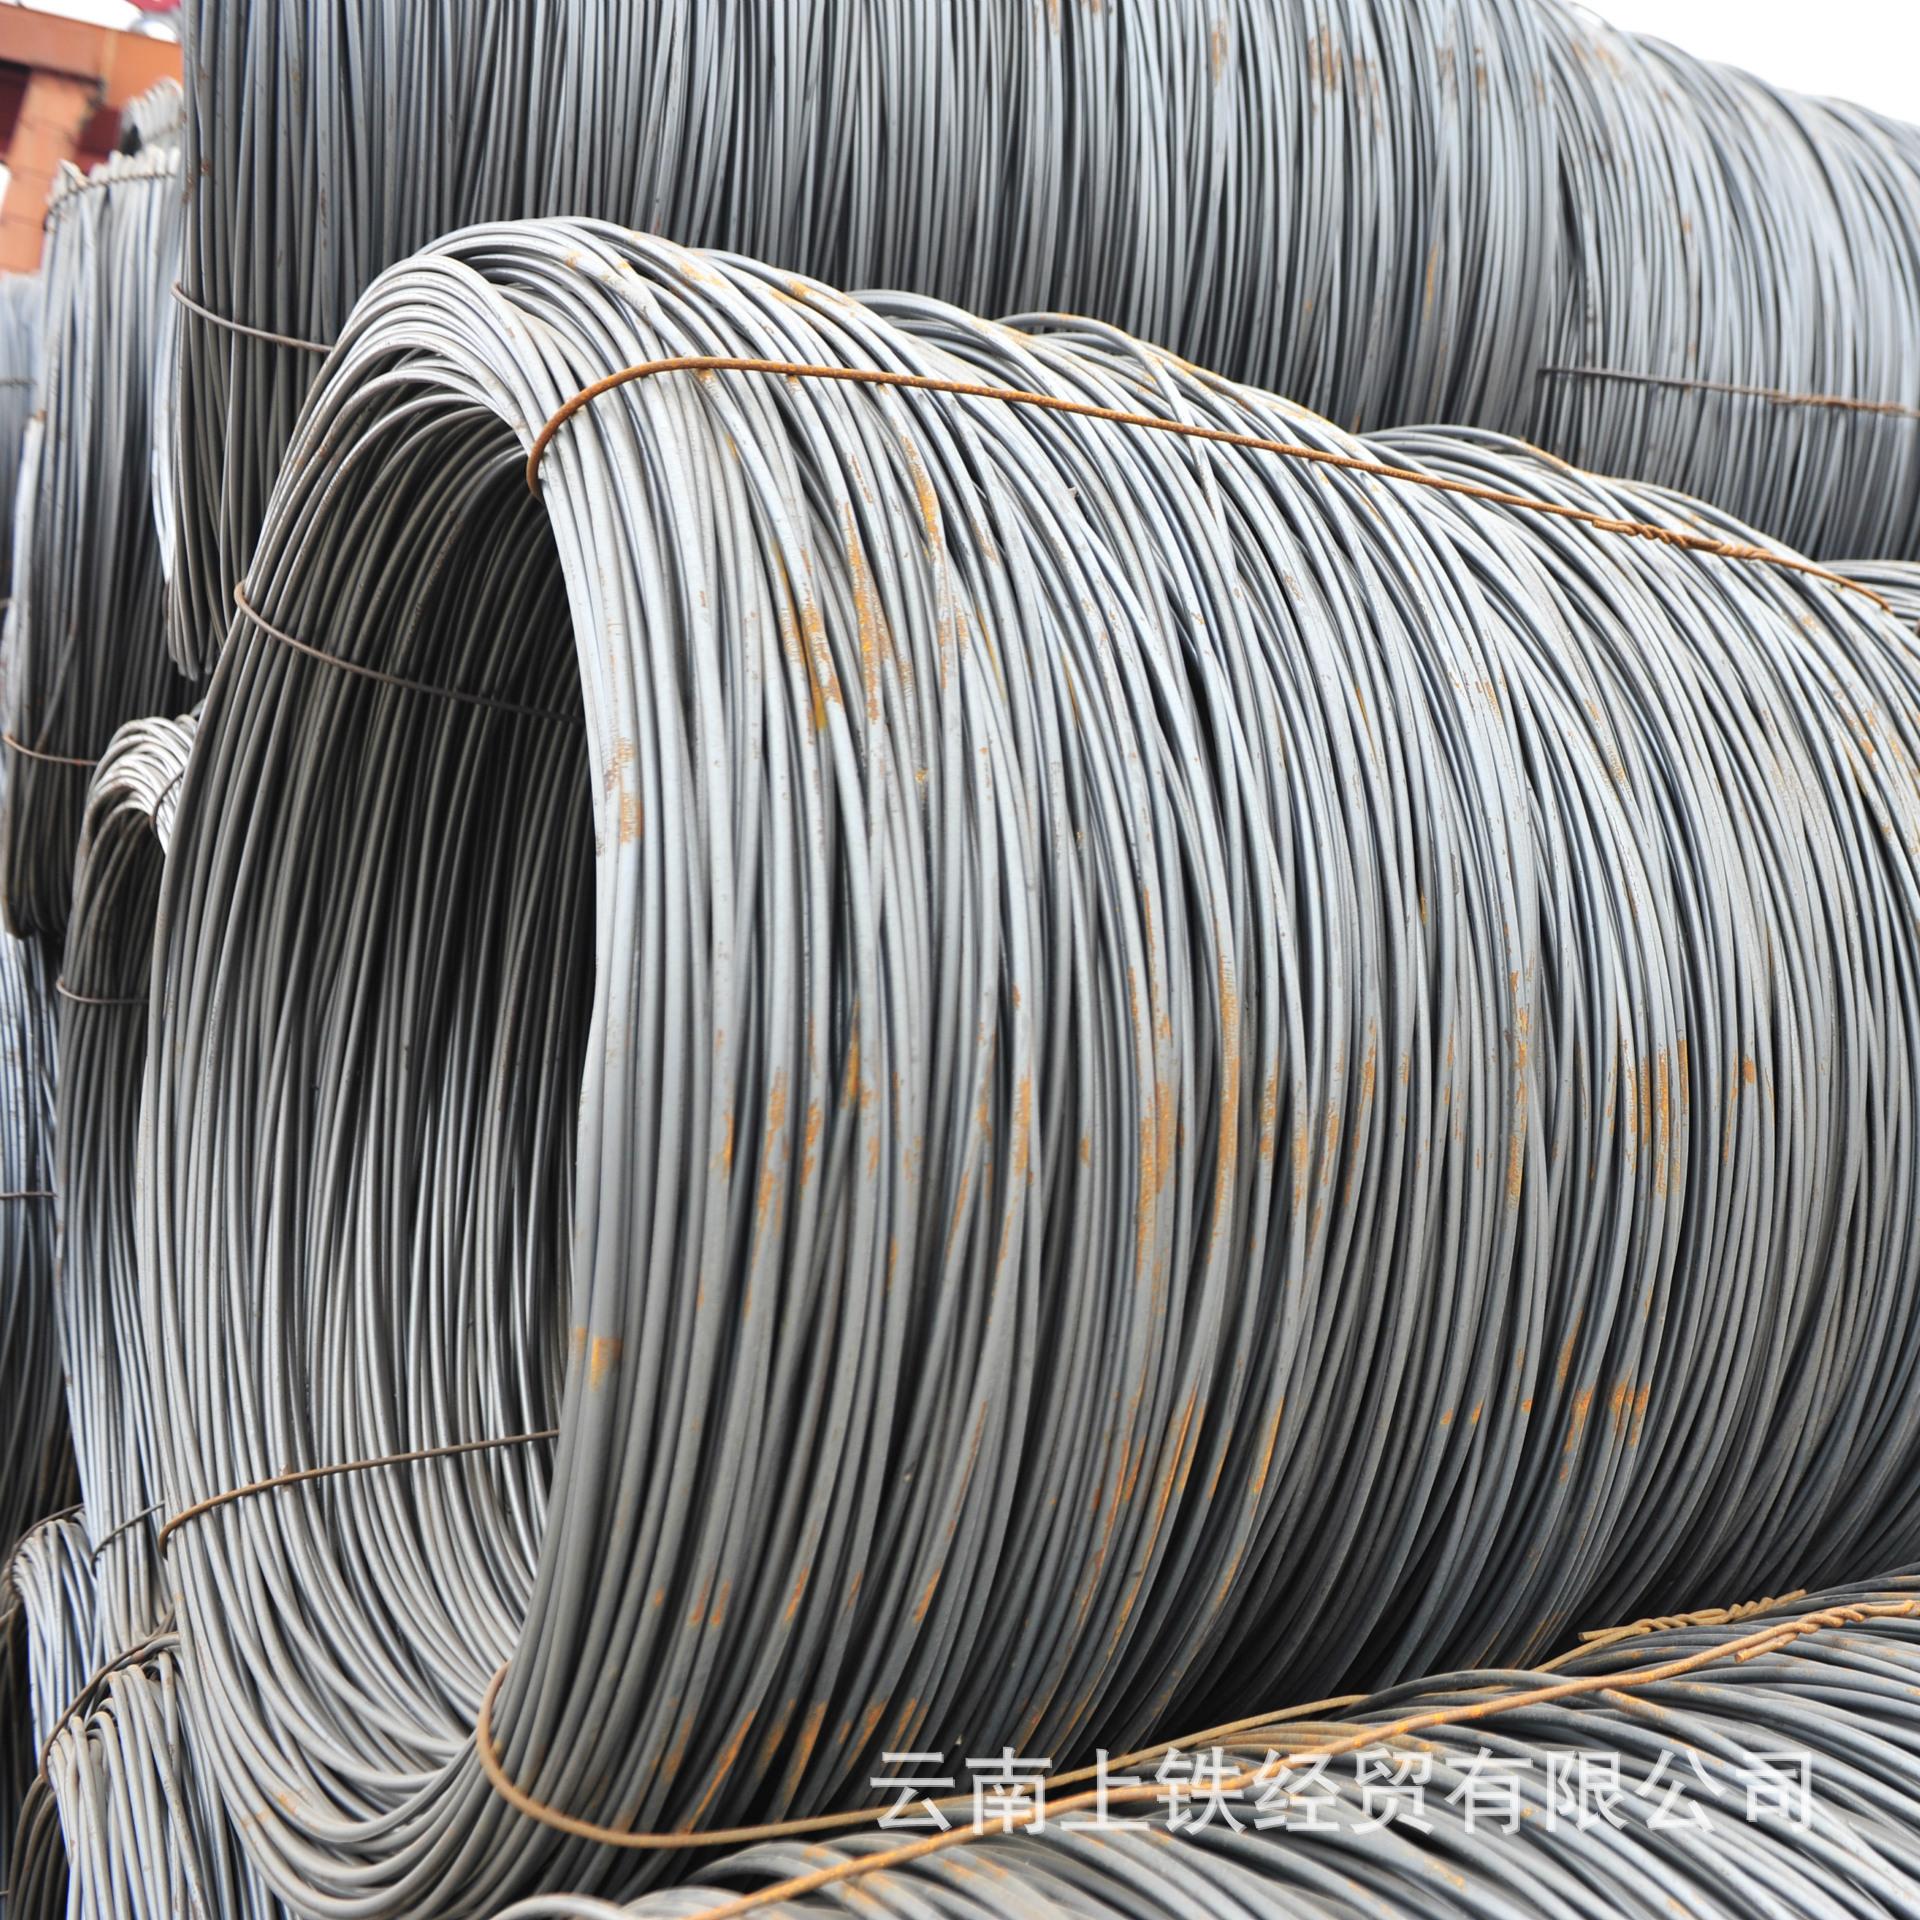 Dây cao cấp Côn Minh, Vân Nam, Thượng Hải, sắt thép dây thép cao sản xuất bán trực tiếp chi phí thấp